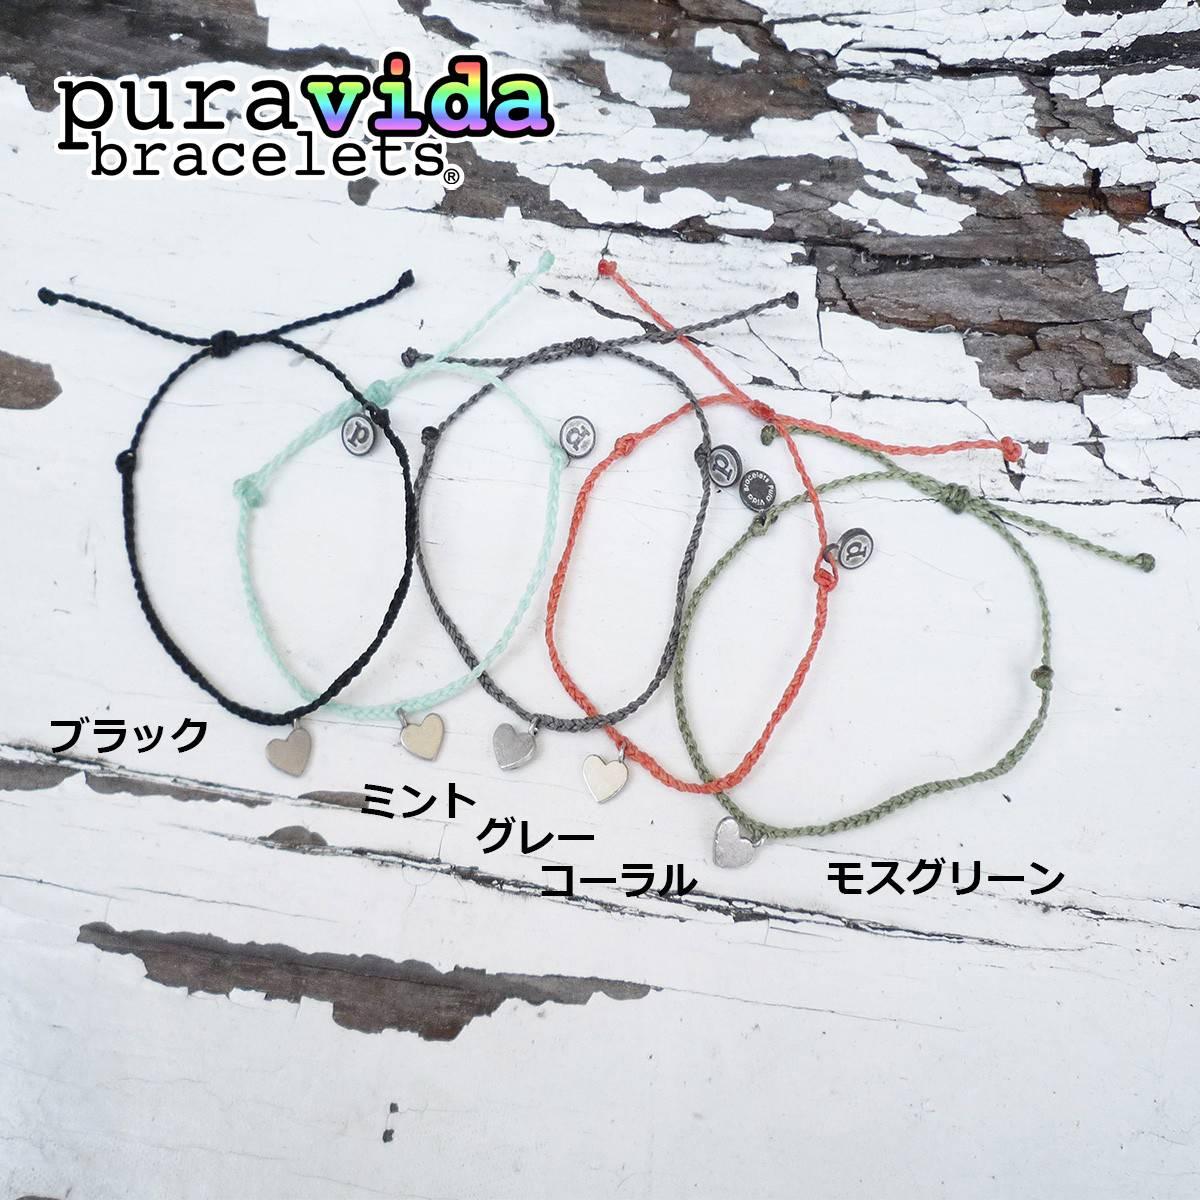 puravida bracelets プラヴィダ ブレスレット